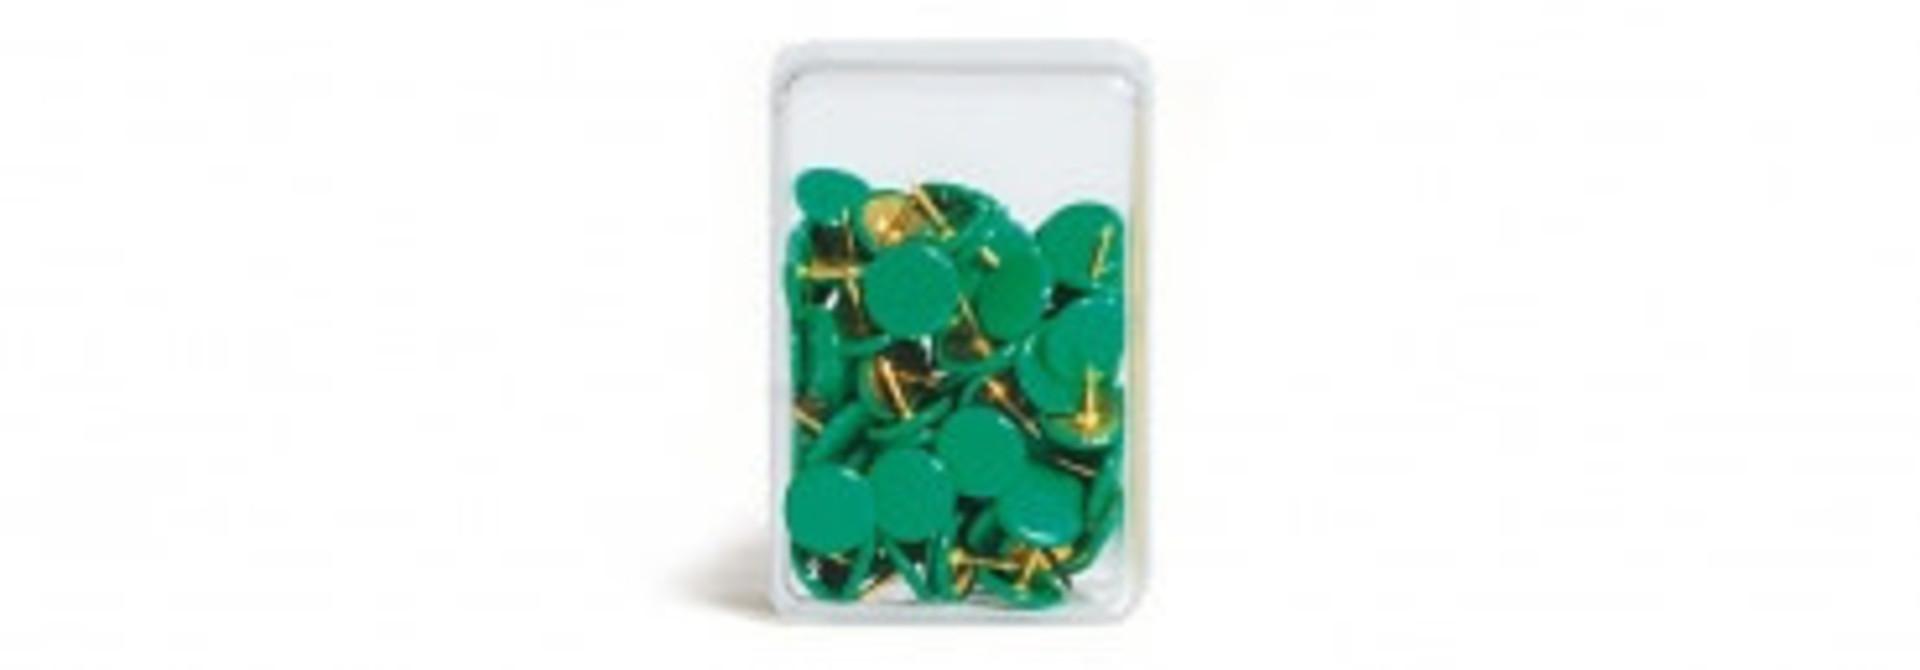 Punaises groen - 100 stuks